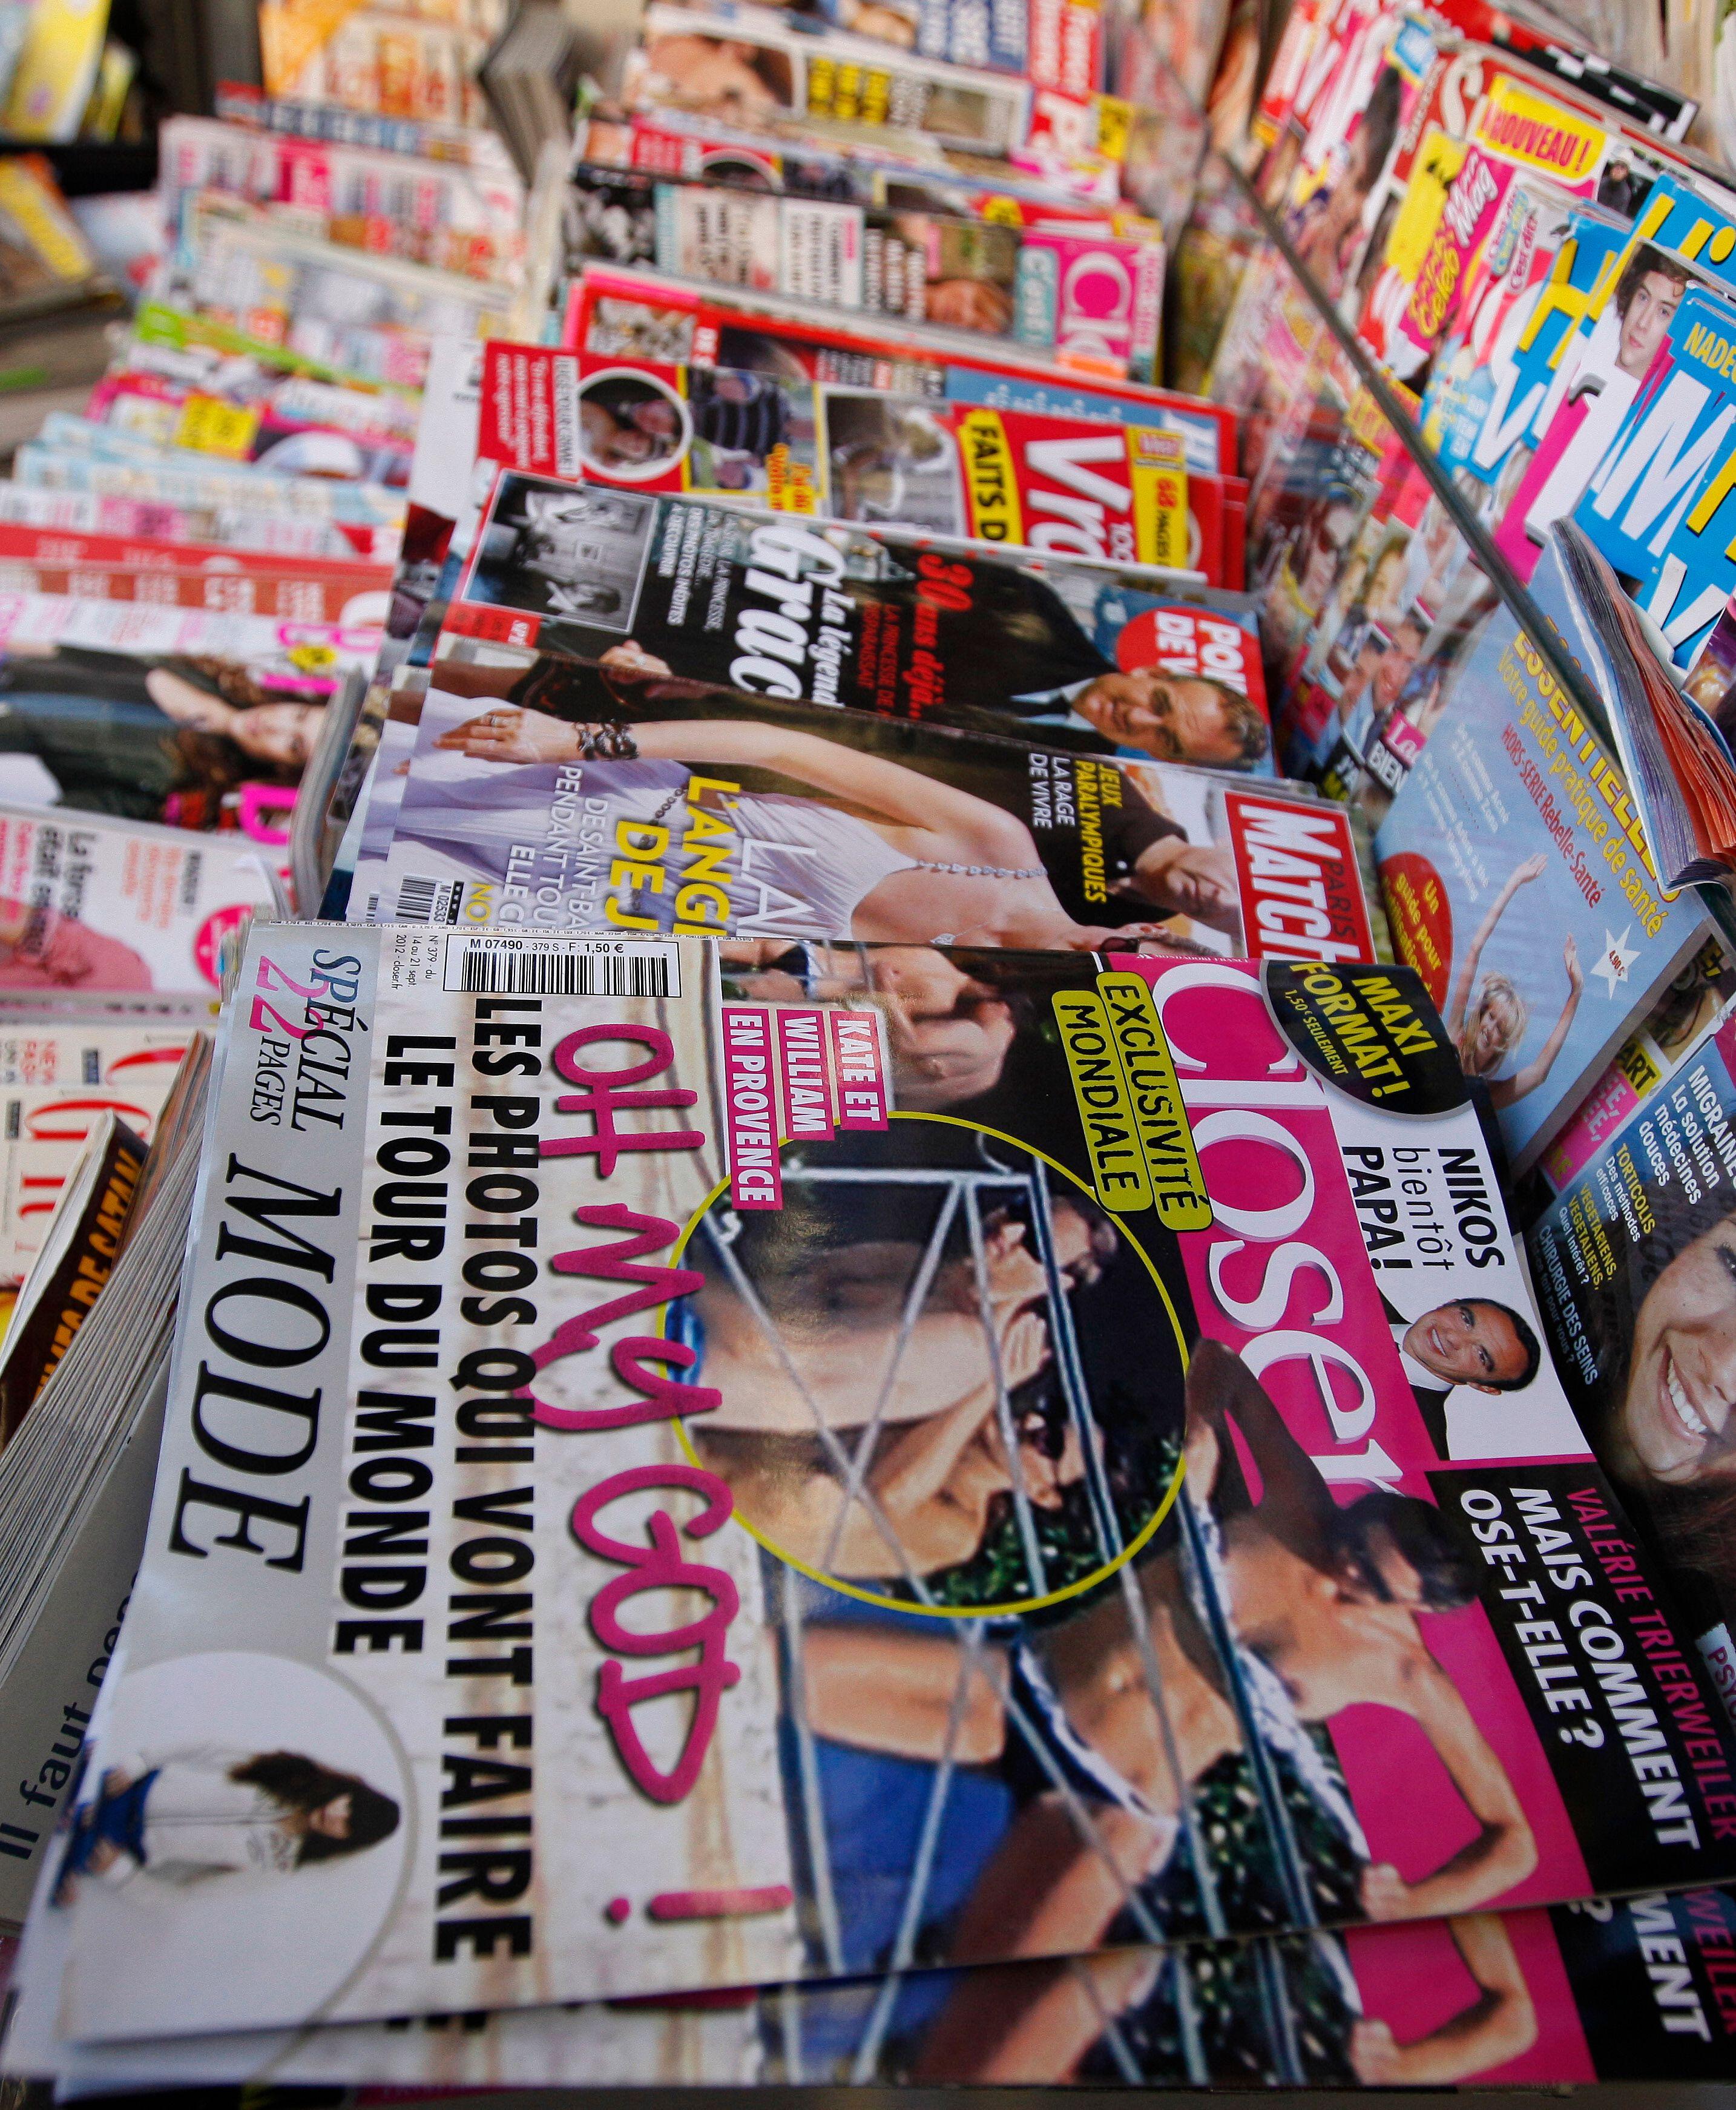 La presse people contemporaine n'a rien inventé